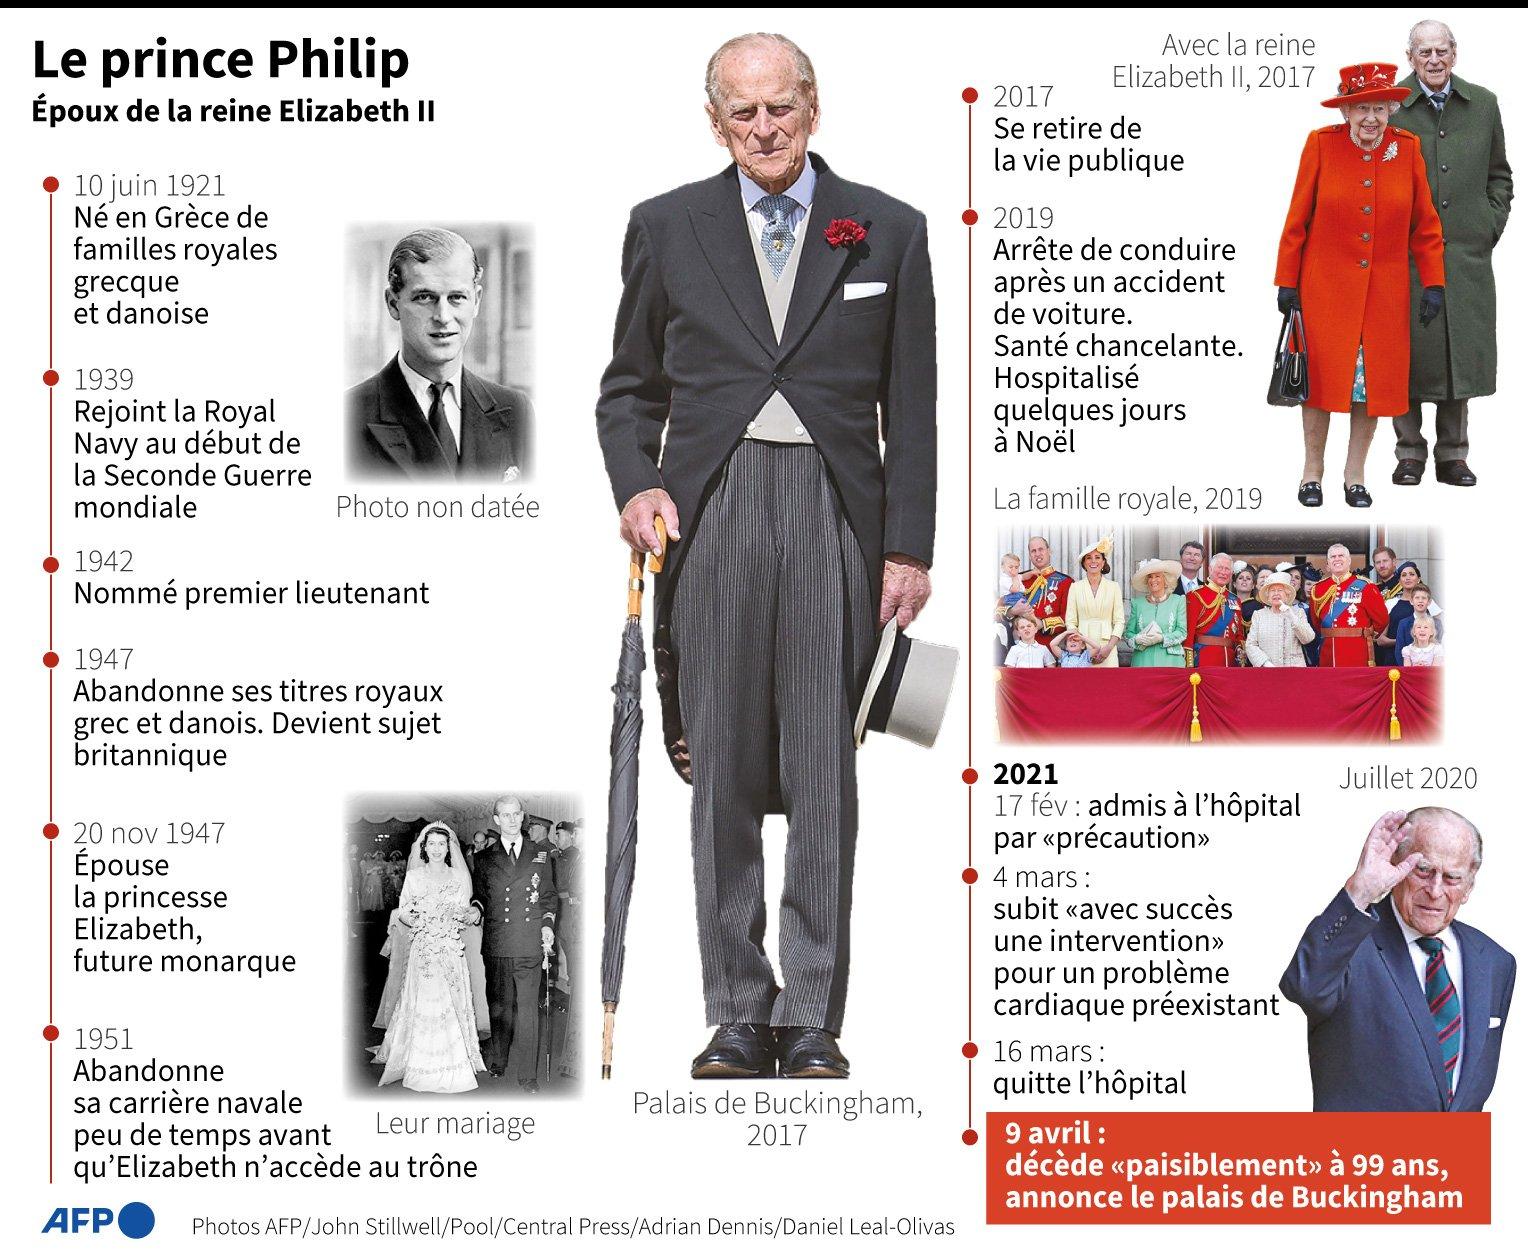 Royaume-Uni : le prince Philip est mort